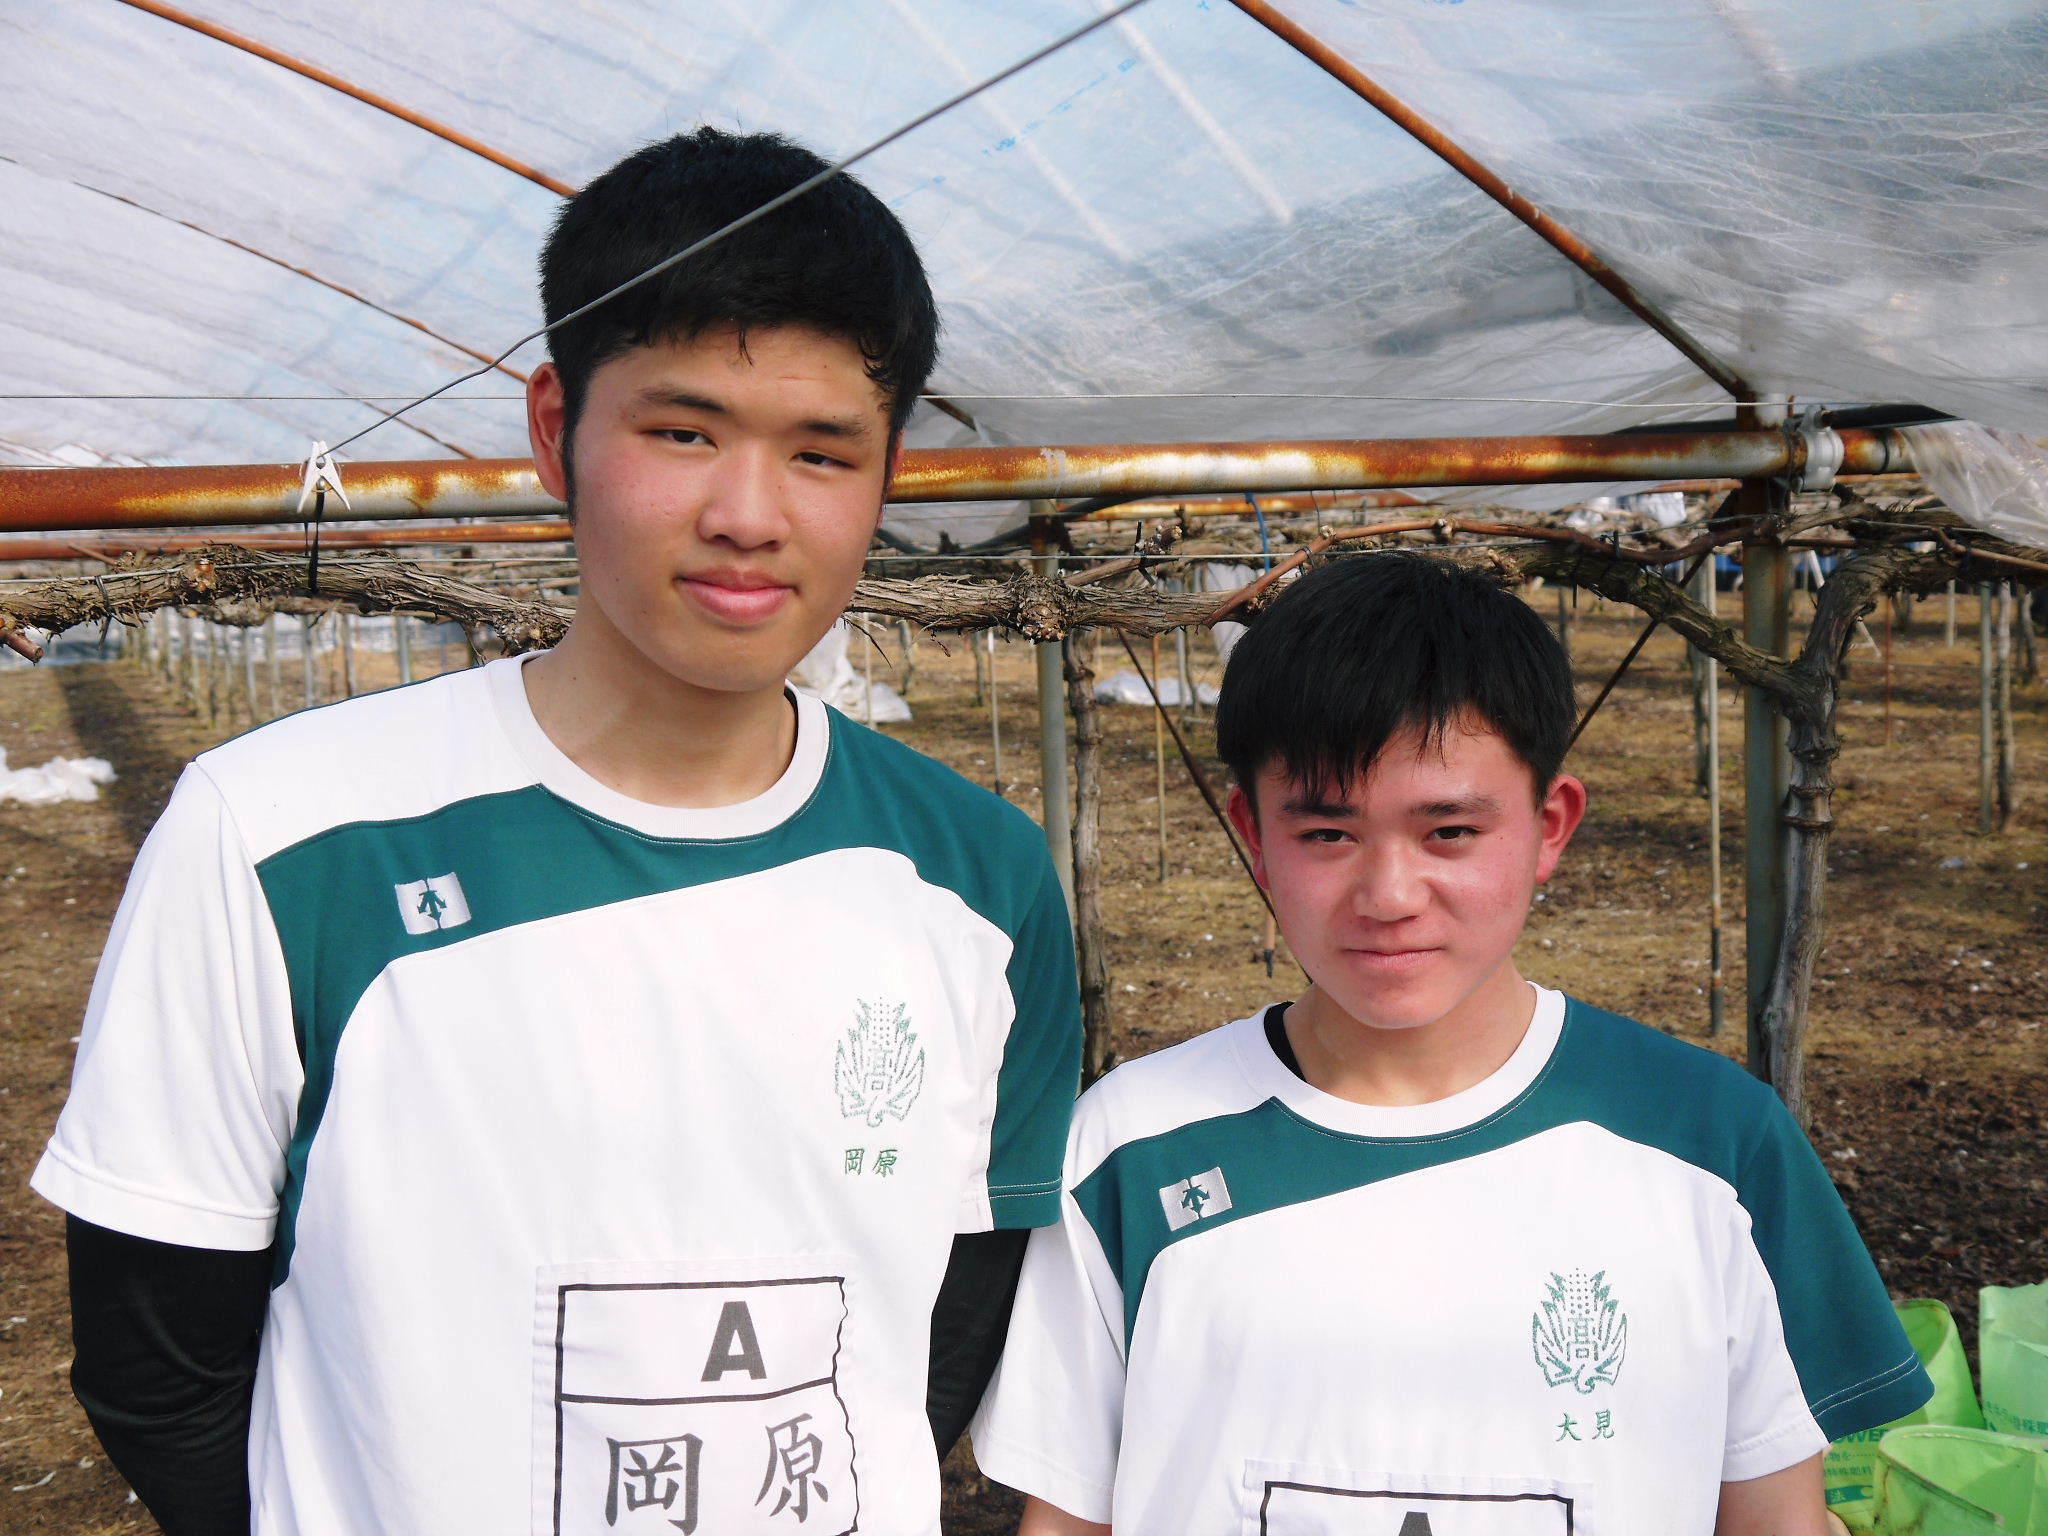 熊本ぶどう 社方園 ハウスの内張り作業を熊本農業高校からの農業実習と共に行っています(2020)前編_a0254656_17555504.jpg